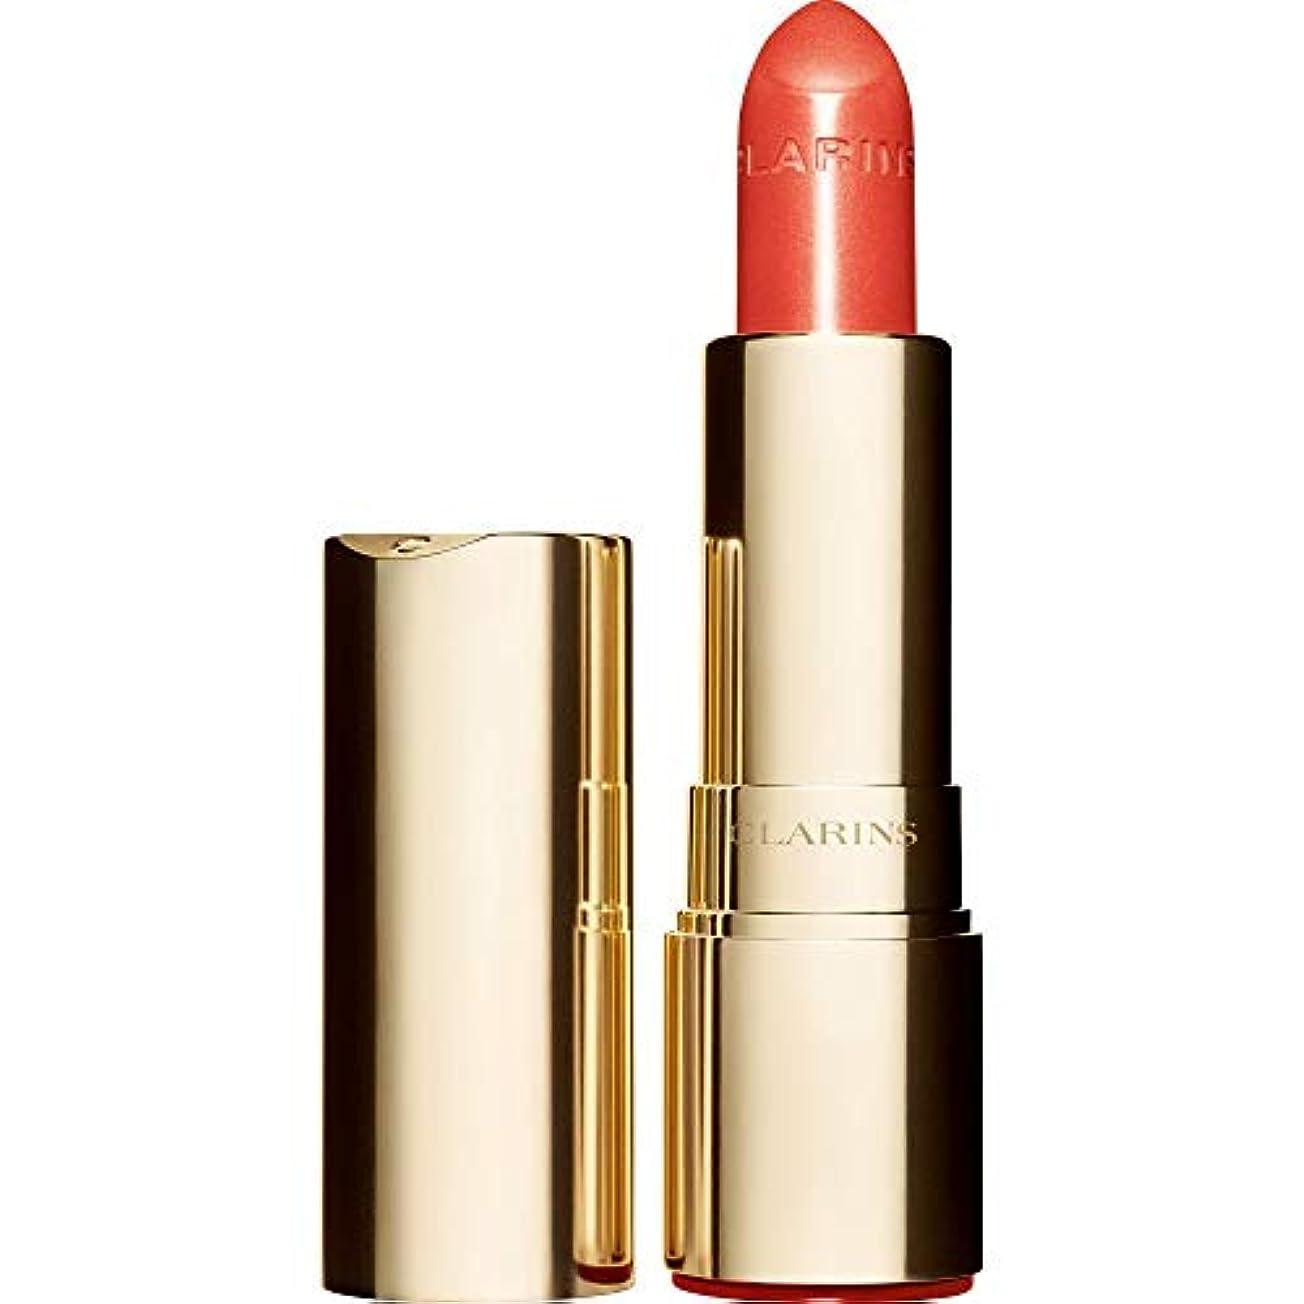 ルーフ唇社説[Clarins ] クラランスジョリルージュブリリアント口紅3.5グラムの711S - パパイヤ - Clarins Joli Rouge Brillant Lipstick 3.5g 711S - Papaya [並行輸入品]